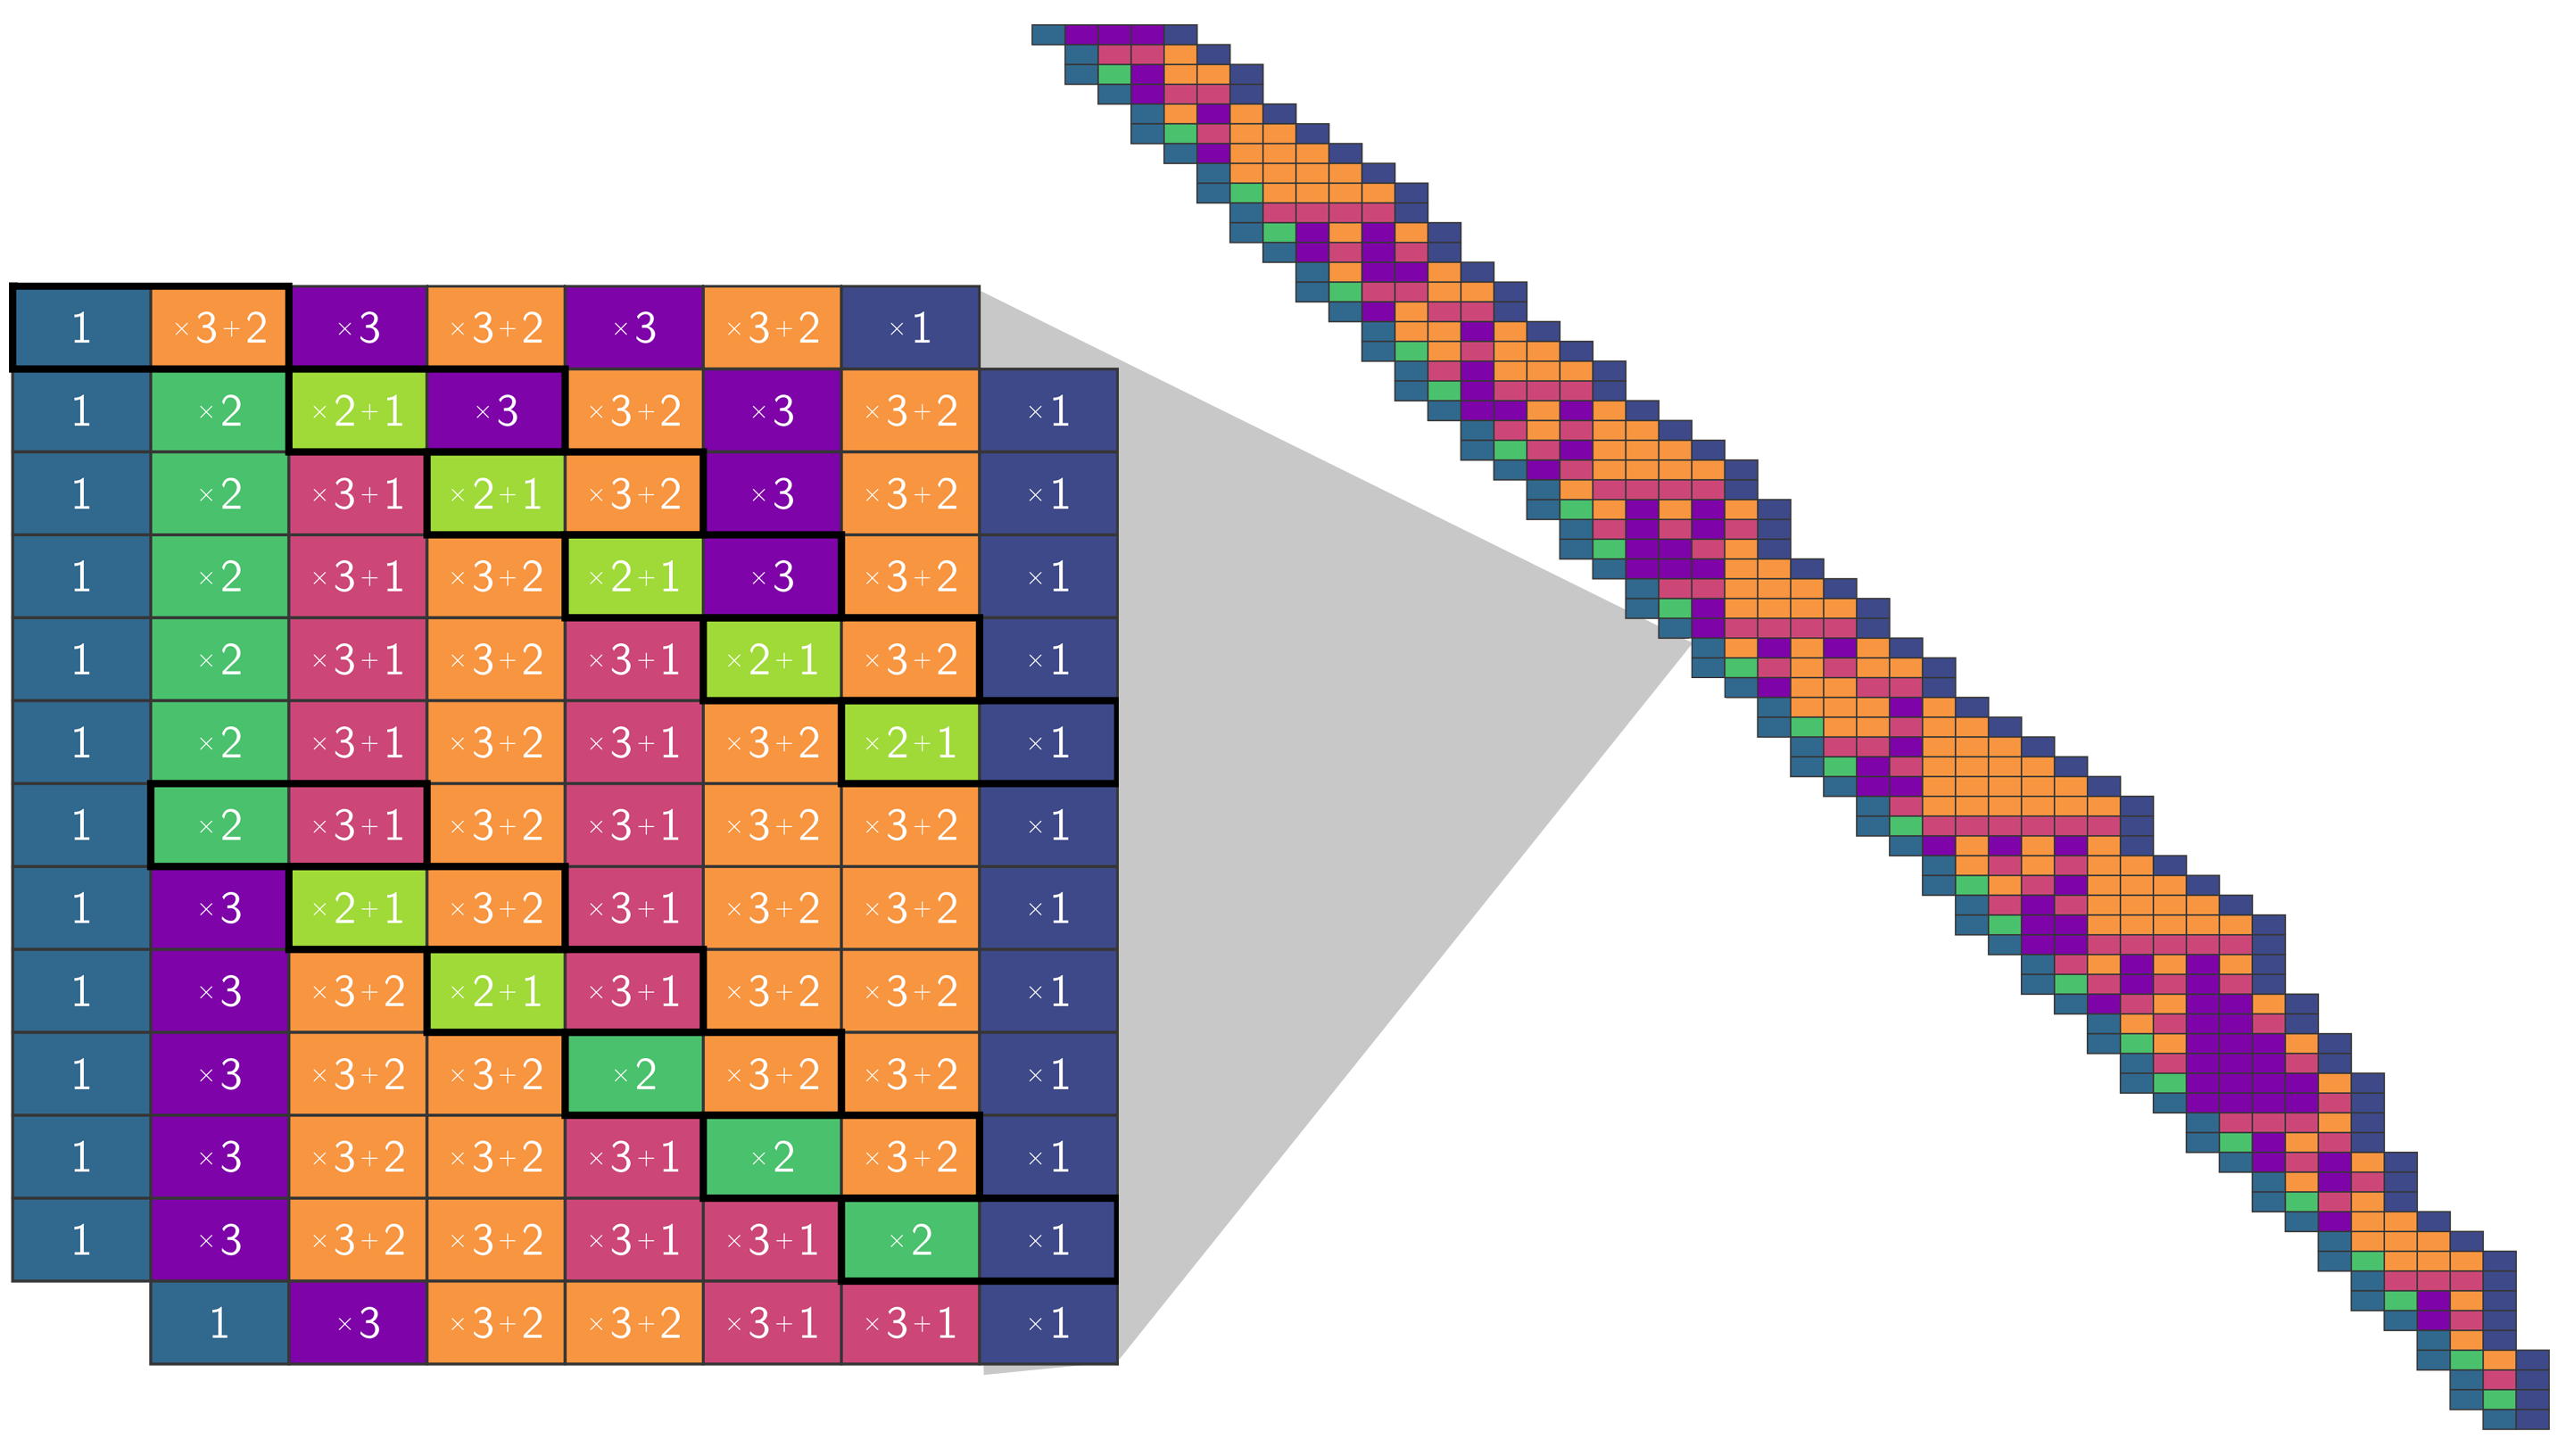 visualización de collatz